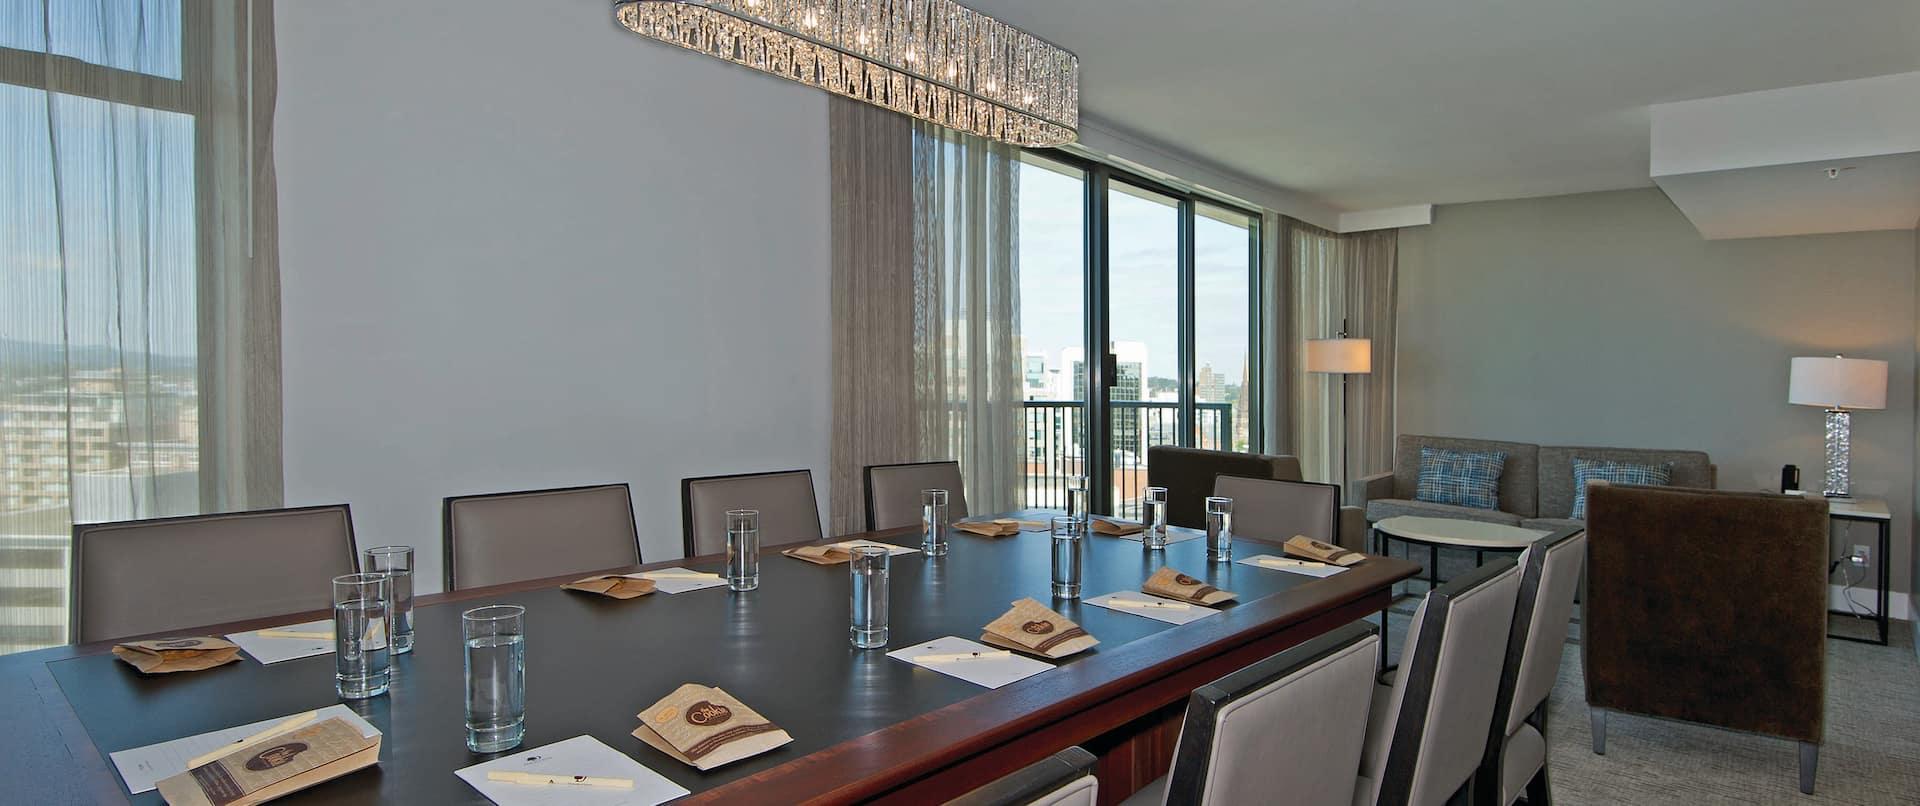 Salish Boardroom